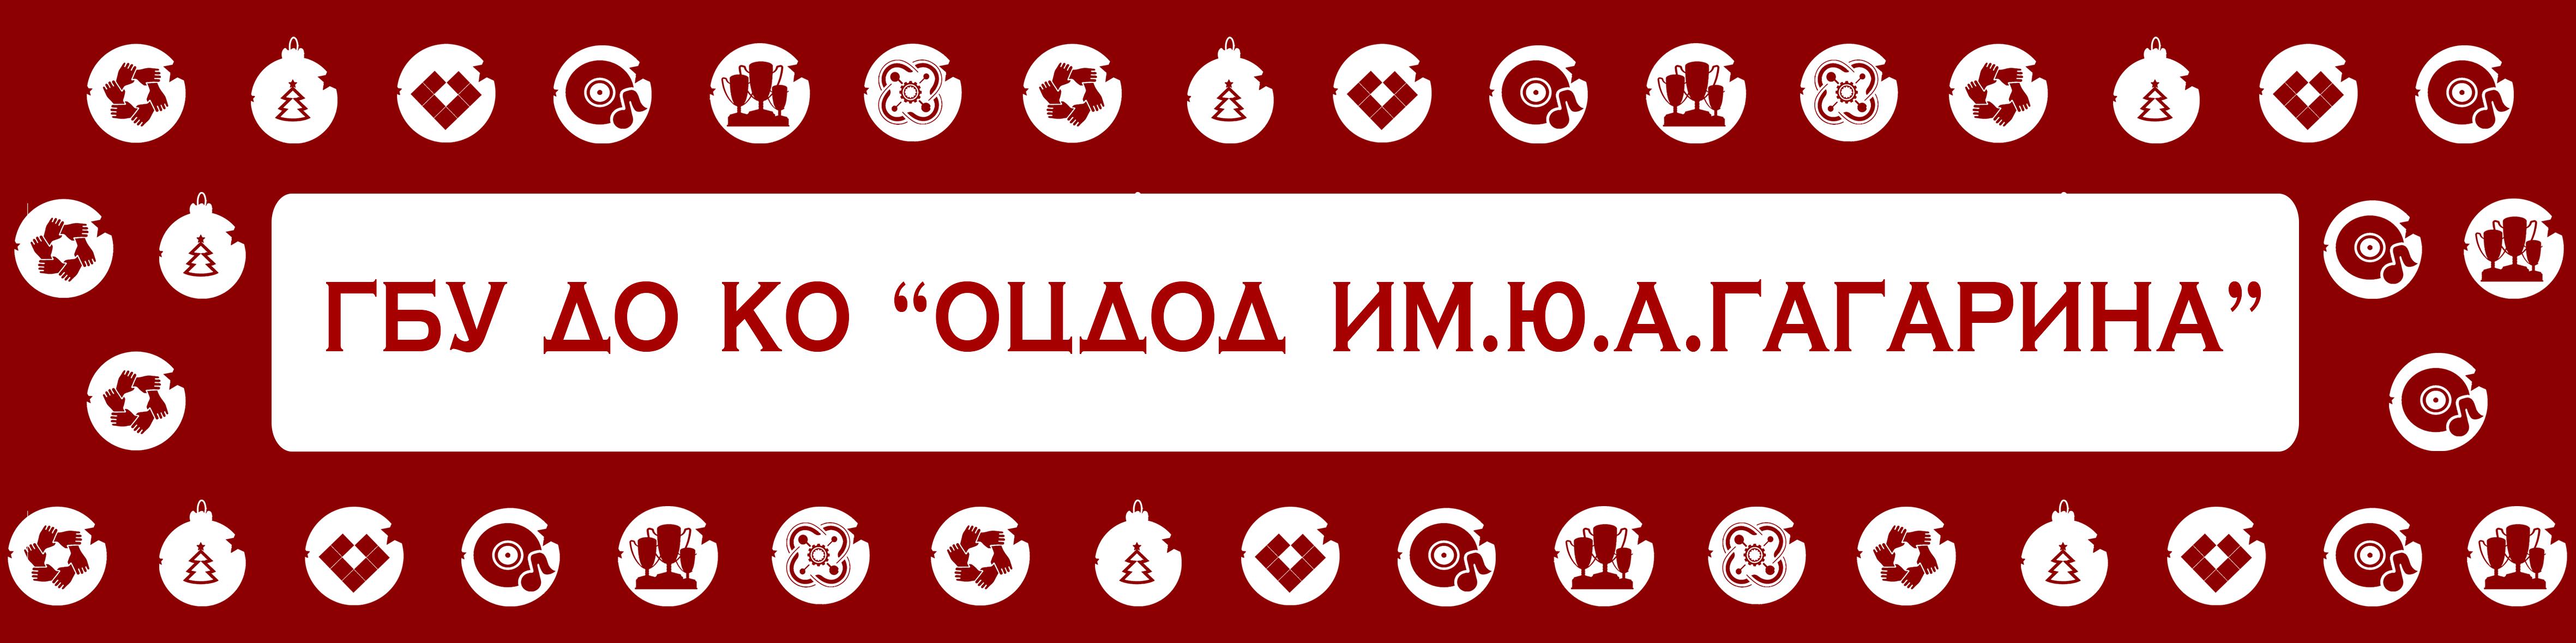 Областной Центр Дополнительного Образования Детей им. Ю.А.Гагарина